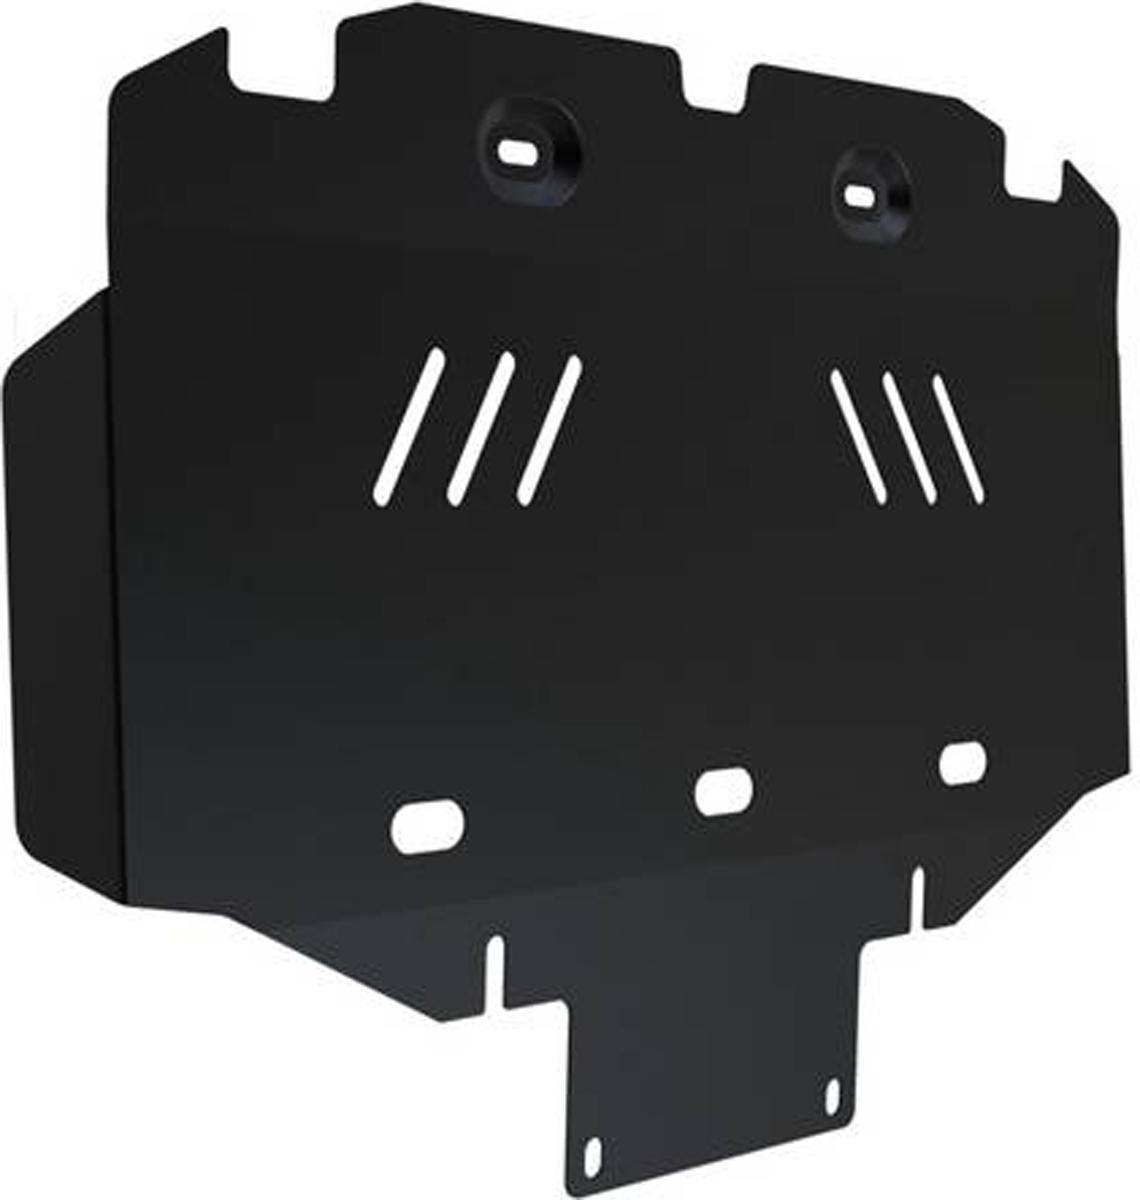 Защита радиатора и картера Автоброня Hyundai H1 2007-, сталь 2 мм111.02334.1Защита радиатора и картера Автоброня Hyundai H1 2007-, сталь 2 мм, комплект крепежа, 111.02334.1 Дополнительно можно приобрести другие защитные элементы из комплекта: защита КПП ч.1 - 111.02335.1, защита КПП ч.2 - 111.02336.1Стальные защиты Автоброня надежно защищают ваш автомобиль от повреждений при наезде на бордюры, выступающие канализационные люки, кромки поврежденного асфальта или при ремонте дорог, не говоря уже о загородных дорогах. - Имеют оптимальное соотношение цена-качество. - Спроектированы с учетом особенностей автомобиля, что делает установку удобной. - Защита устанавливается в штатные места кузова автомобиля. - Является надежной защитой для важных элементов на протяжении долгих лет. - Глубокий штамп дополнительно усиливает конструкцию защиты. - Подштамповка в местах крепления защищает крепеж от срезания. - Технологические отверстия там, где они необходимы для смены масла и слива воды, оборудованные заглушками, закрепленными на защите. Толщина стали 2 мм. В комплекте крепеж и инструкция по установке.Уважаемые клиенты! Обращаем ваше внимание на тот факт, что защита имеет форму, соответствующую модели данного автомобиля. Наличие глубокого штампа и лючков для смены фильтров/масла предусмотрено не на всех защитах. Фото служит для визуального восприятия товара.